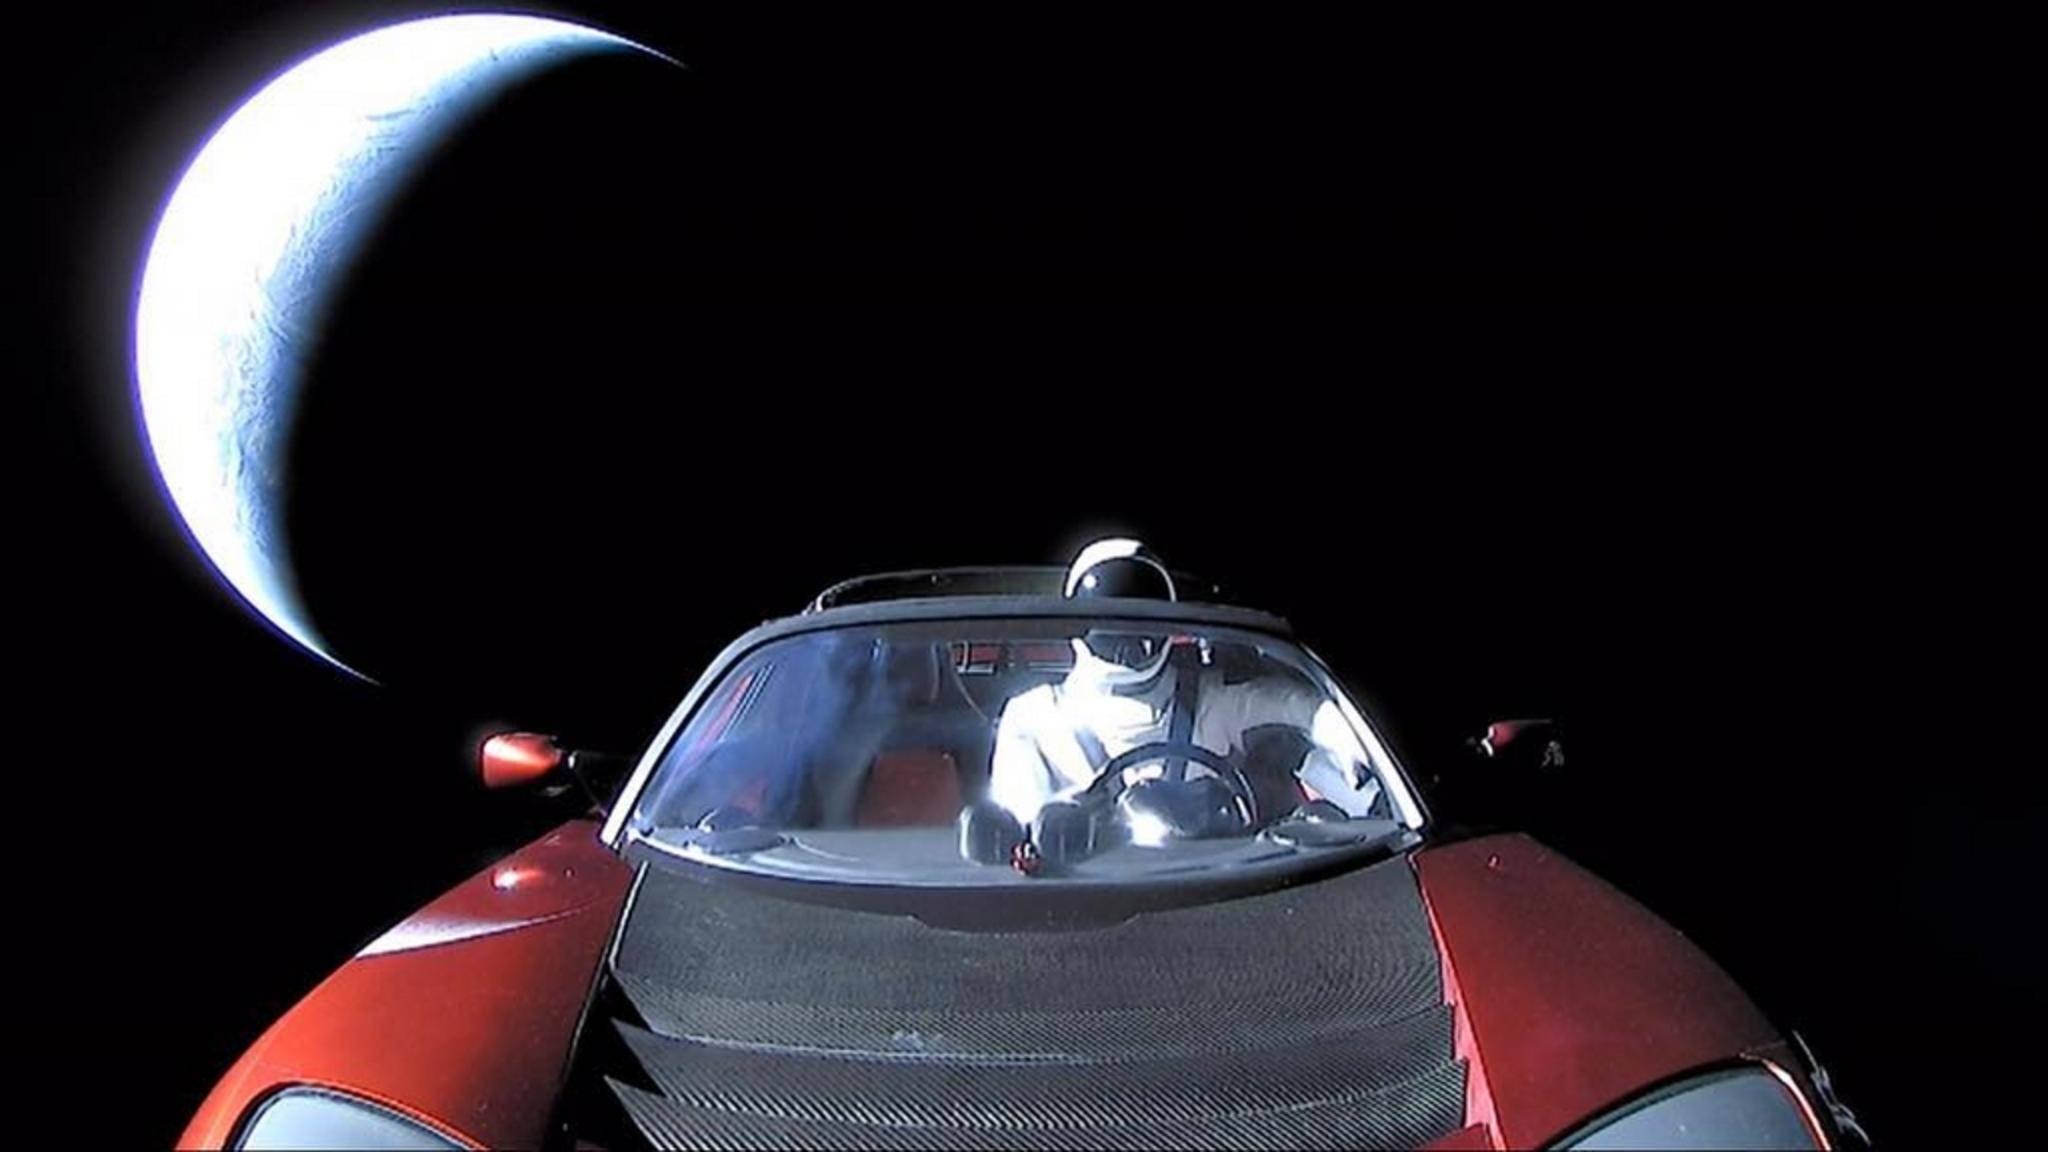 """Das letzte Bild vom """"Starman"""" im Weltraum-Tesla bevor der Kamera der Saft ausging."""